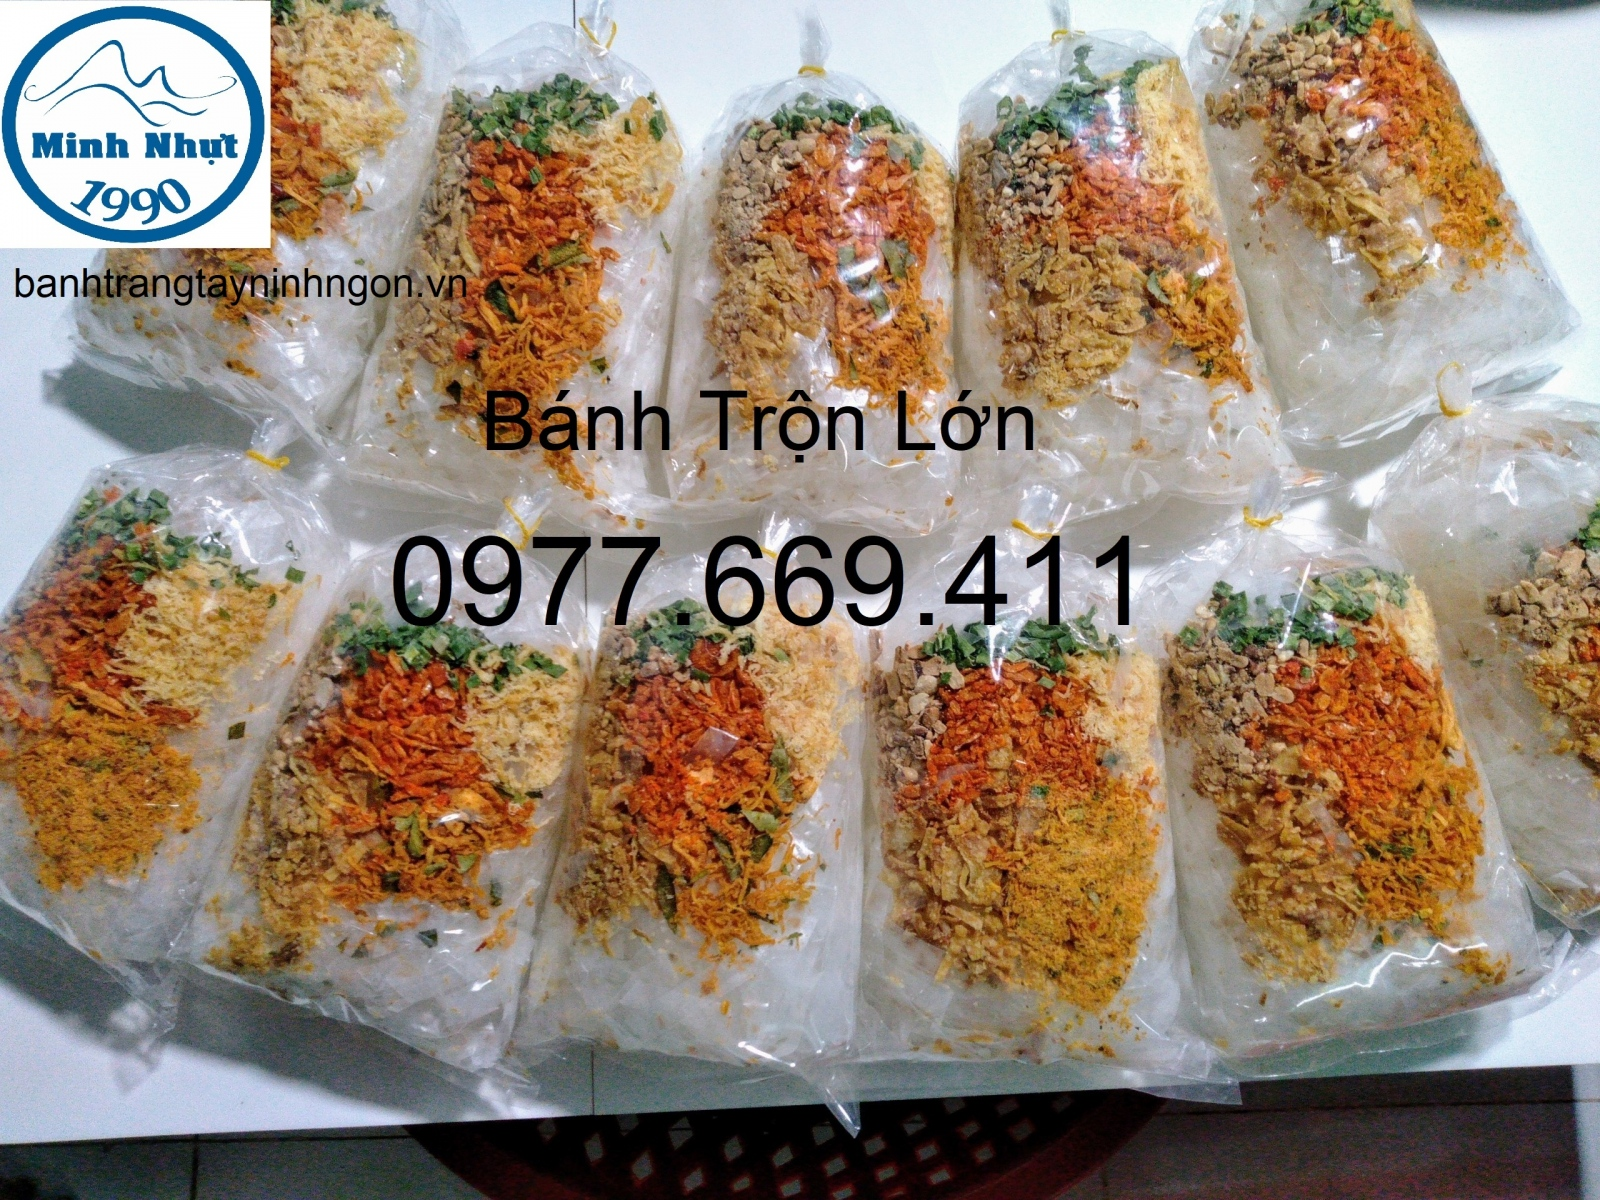 BANH-TRANG-TRON-LON